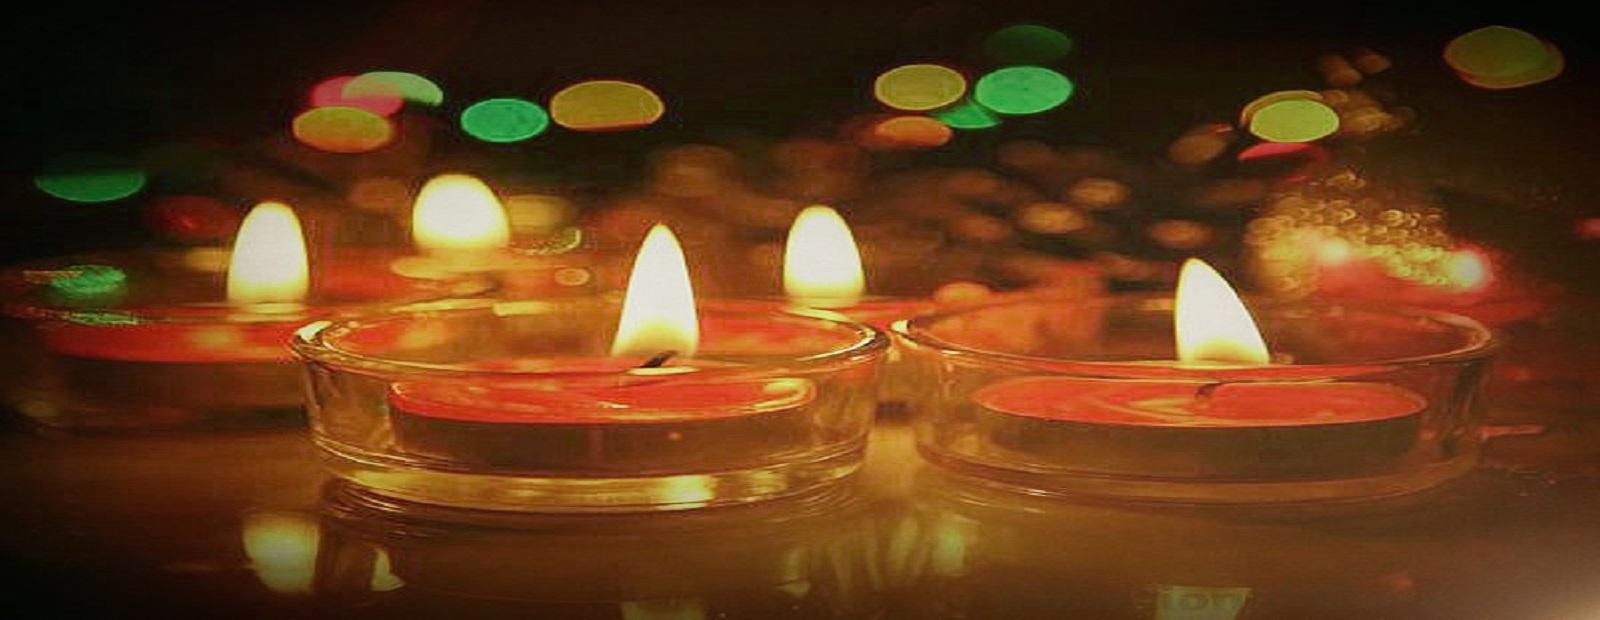 pollution free diwali